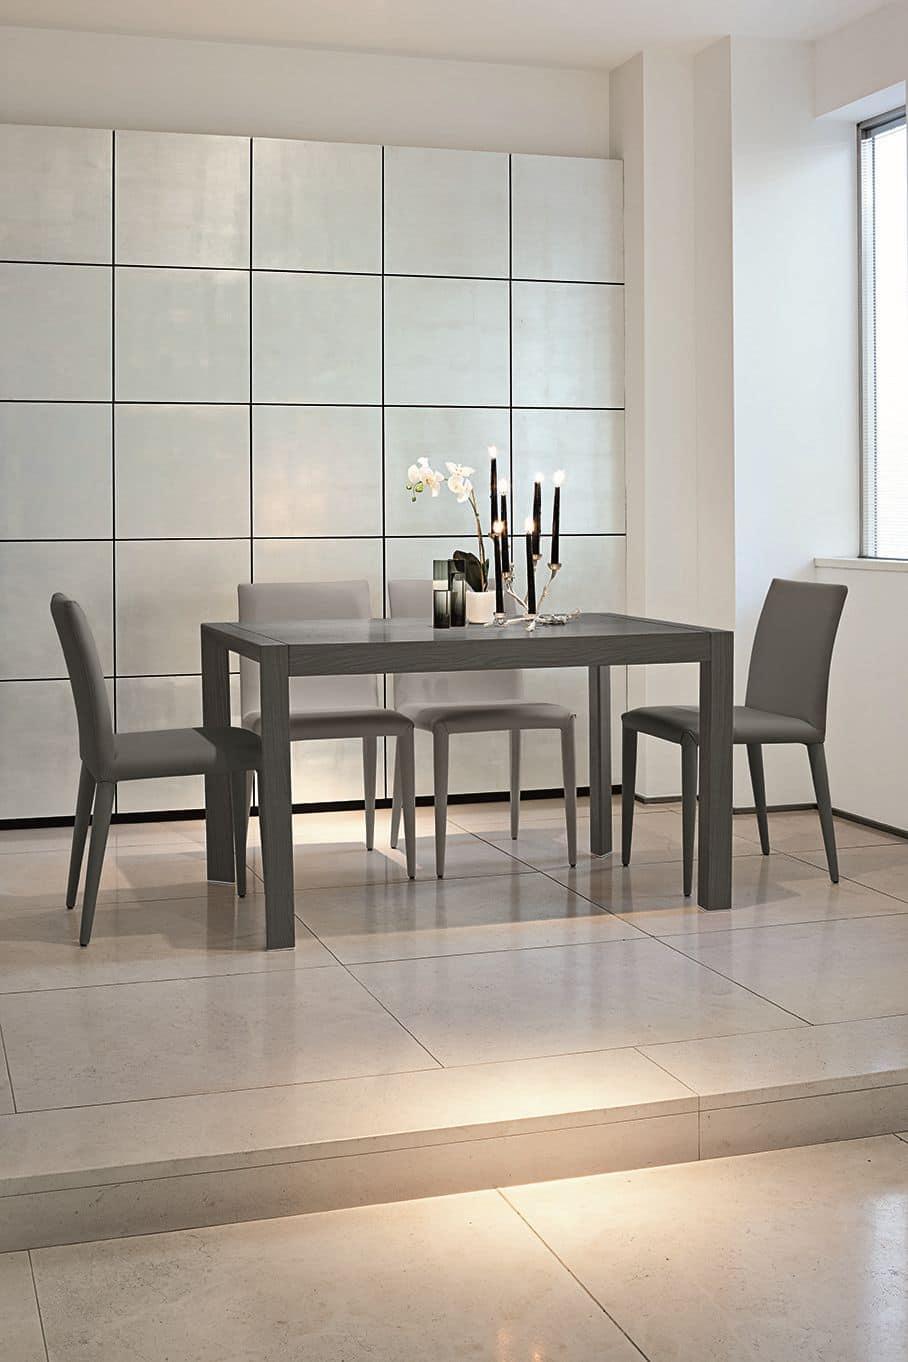 Tavolo allungabile in alluminio adatto per cucine idfdesign - Tavoli allungabili in legno ...